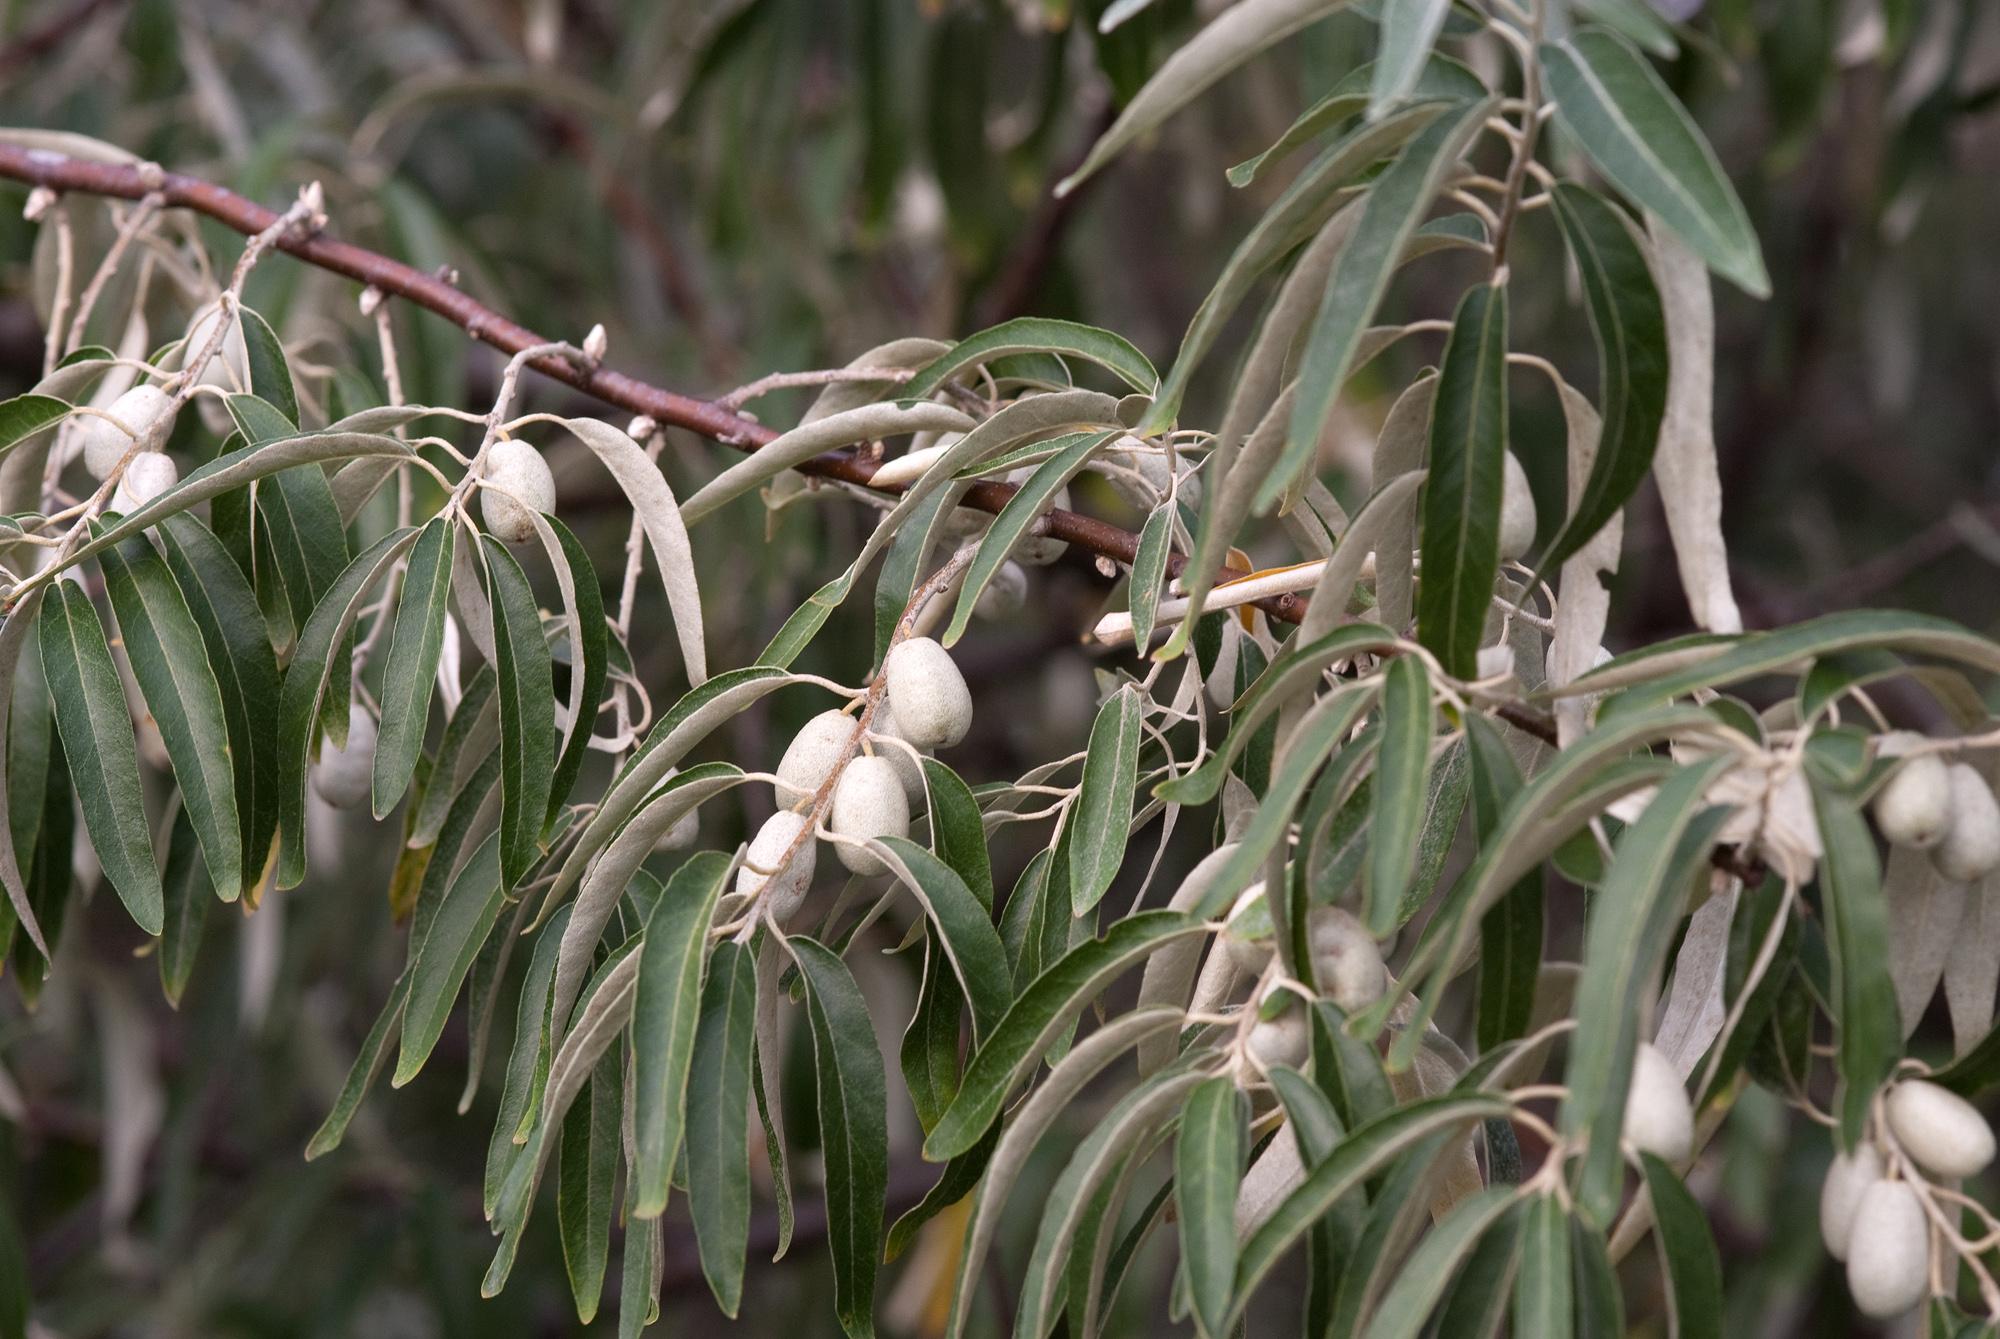 Лох серебристый: описание, размножение, уход, посадка, применение в саду, фото